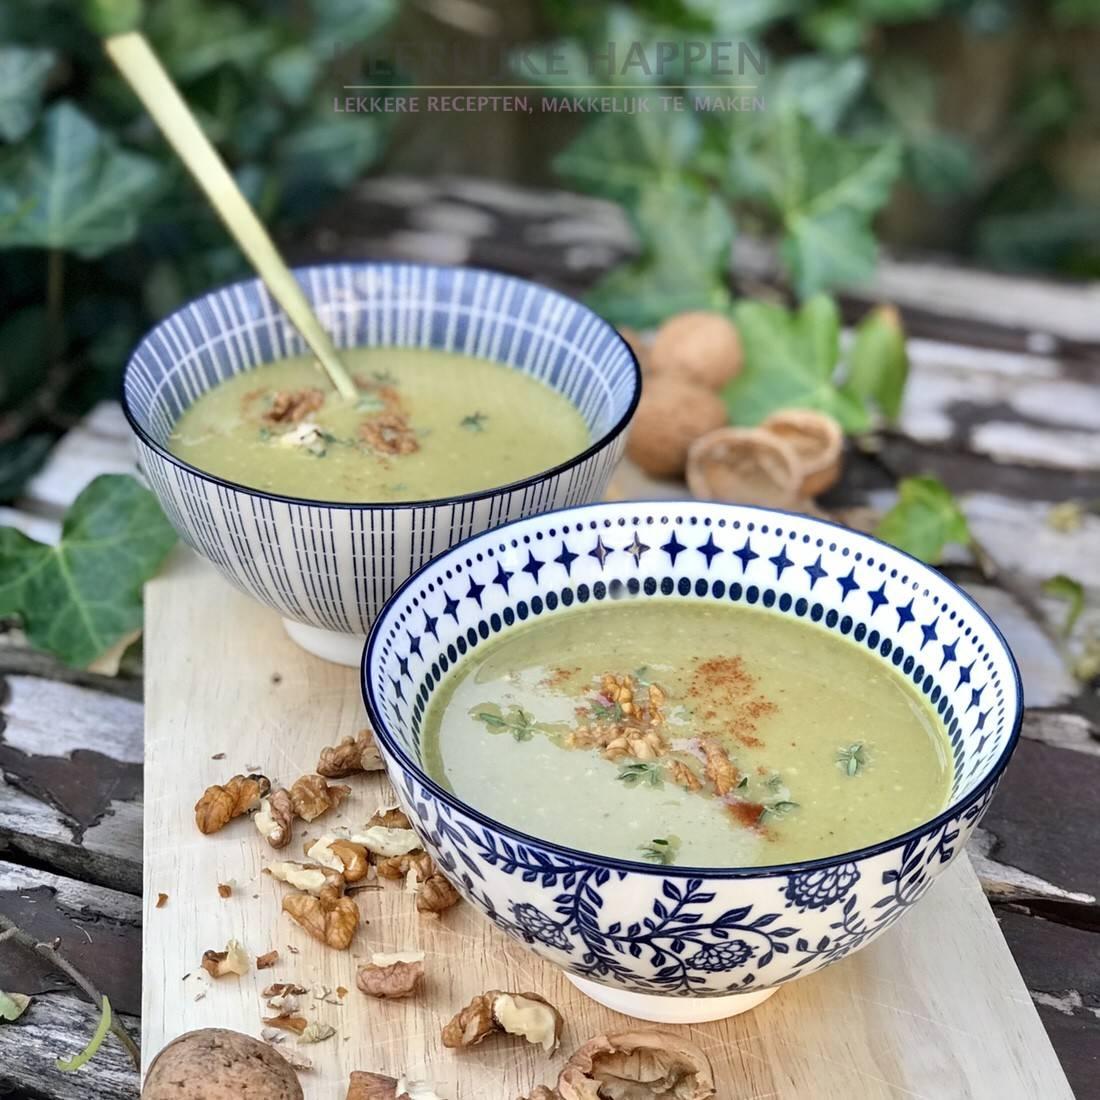 Heerlijke happen: Gele courgettesoep met walnoten